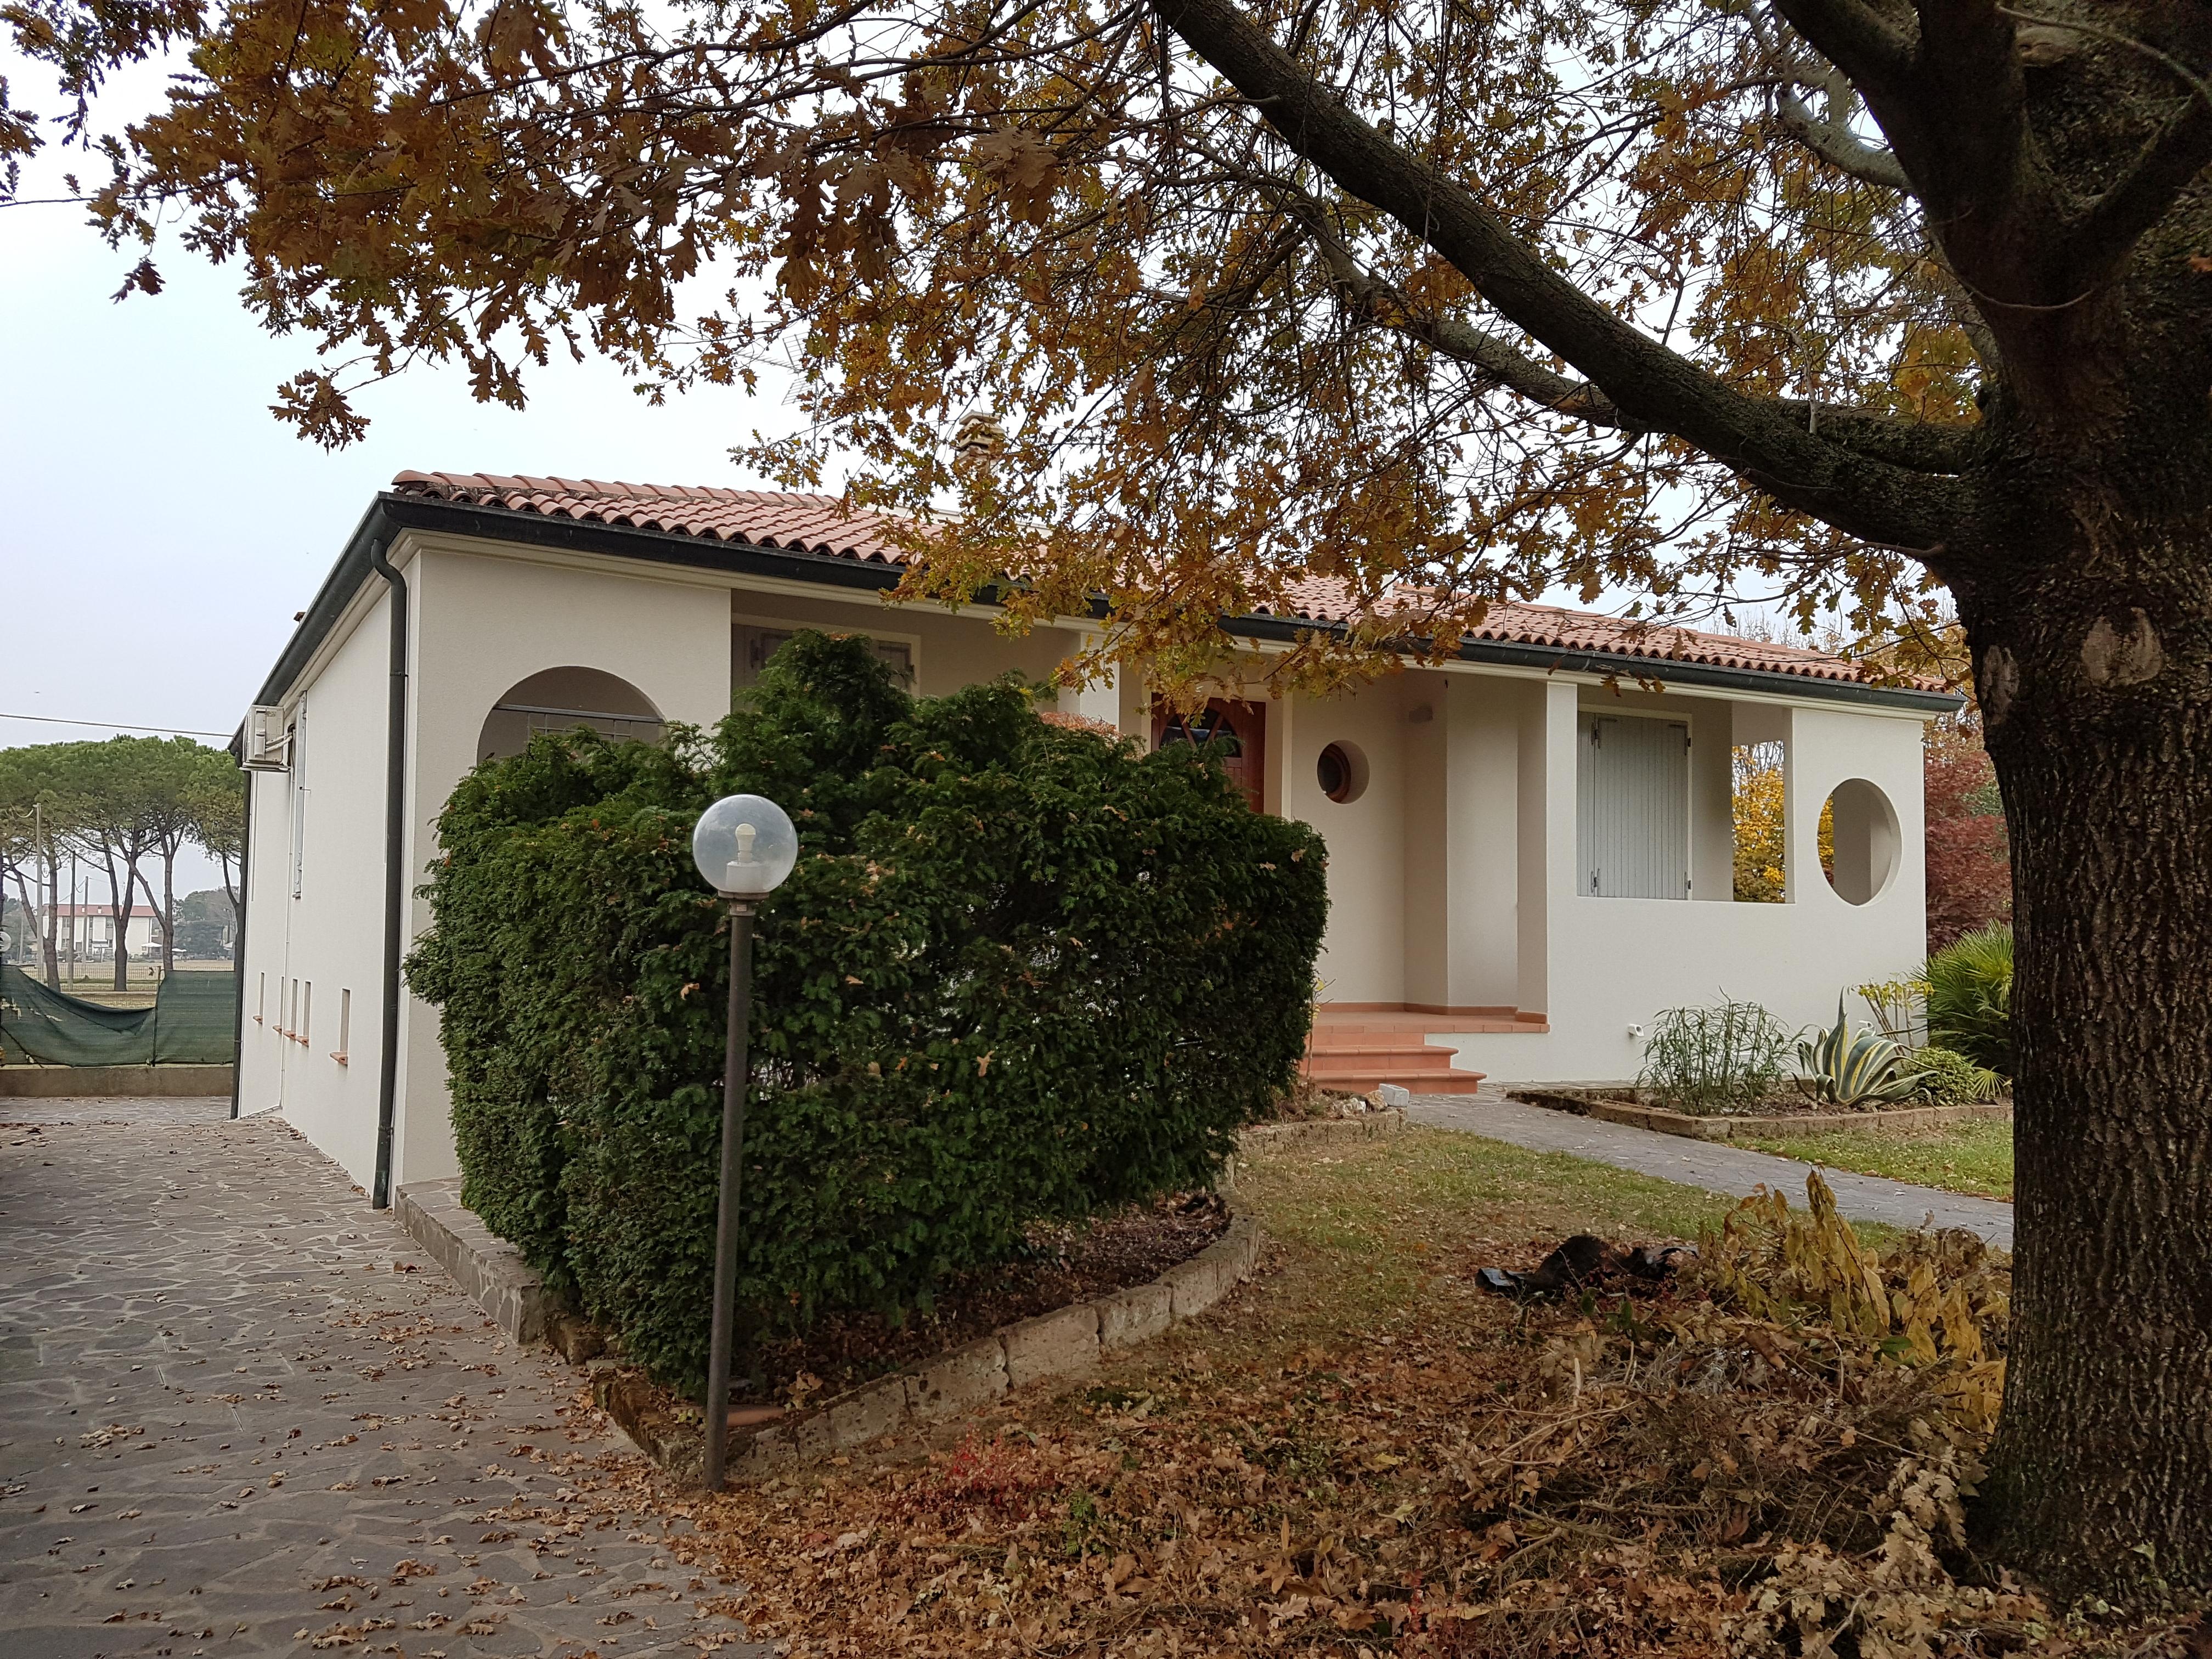 Villa indipendente a Castiglione di Ravenna